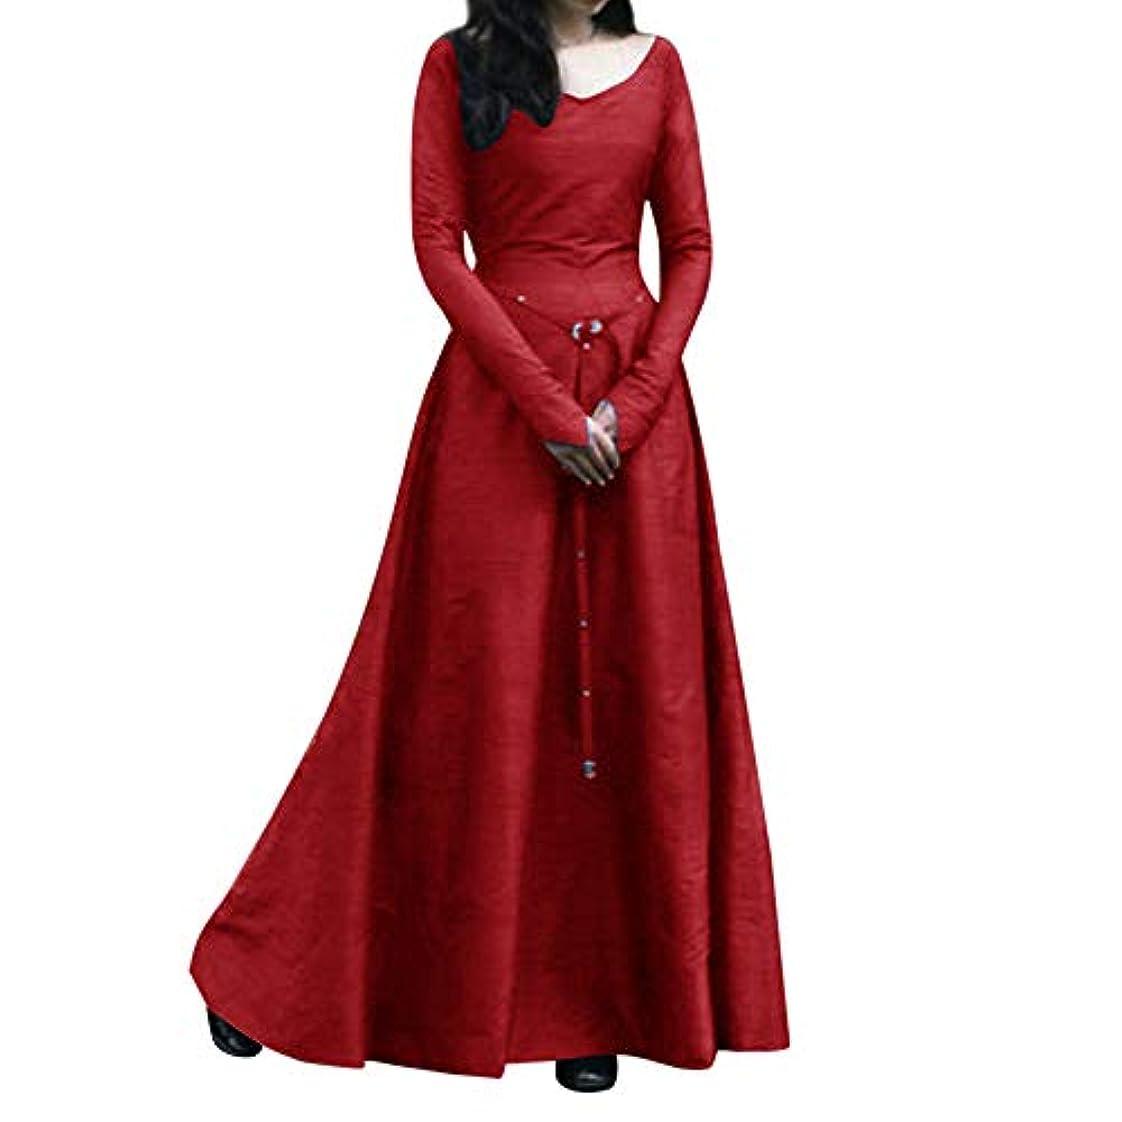 嫉妬争い求める貴族 ドレス お姫様 カラードレス Huliyun 王族服 豪華なドレス ウェディング ドレス プリンセスライン オペラ声楽 中世貴族風 演奏会ドレス ステージドレス ブ シンデレラドレス コスチューム